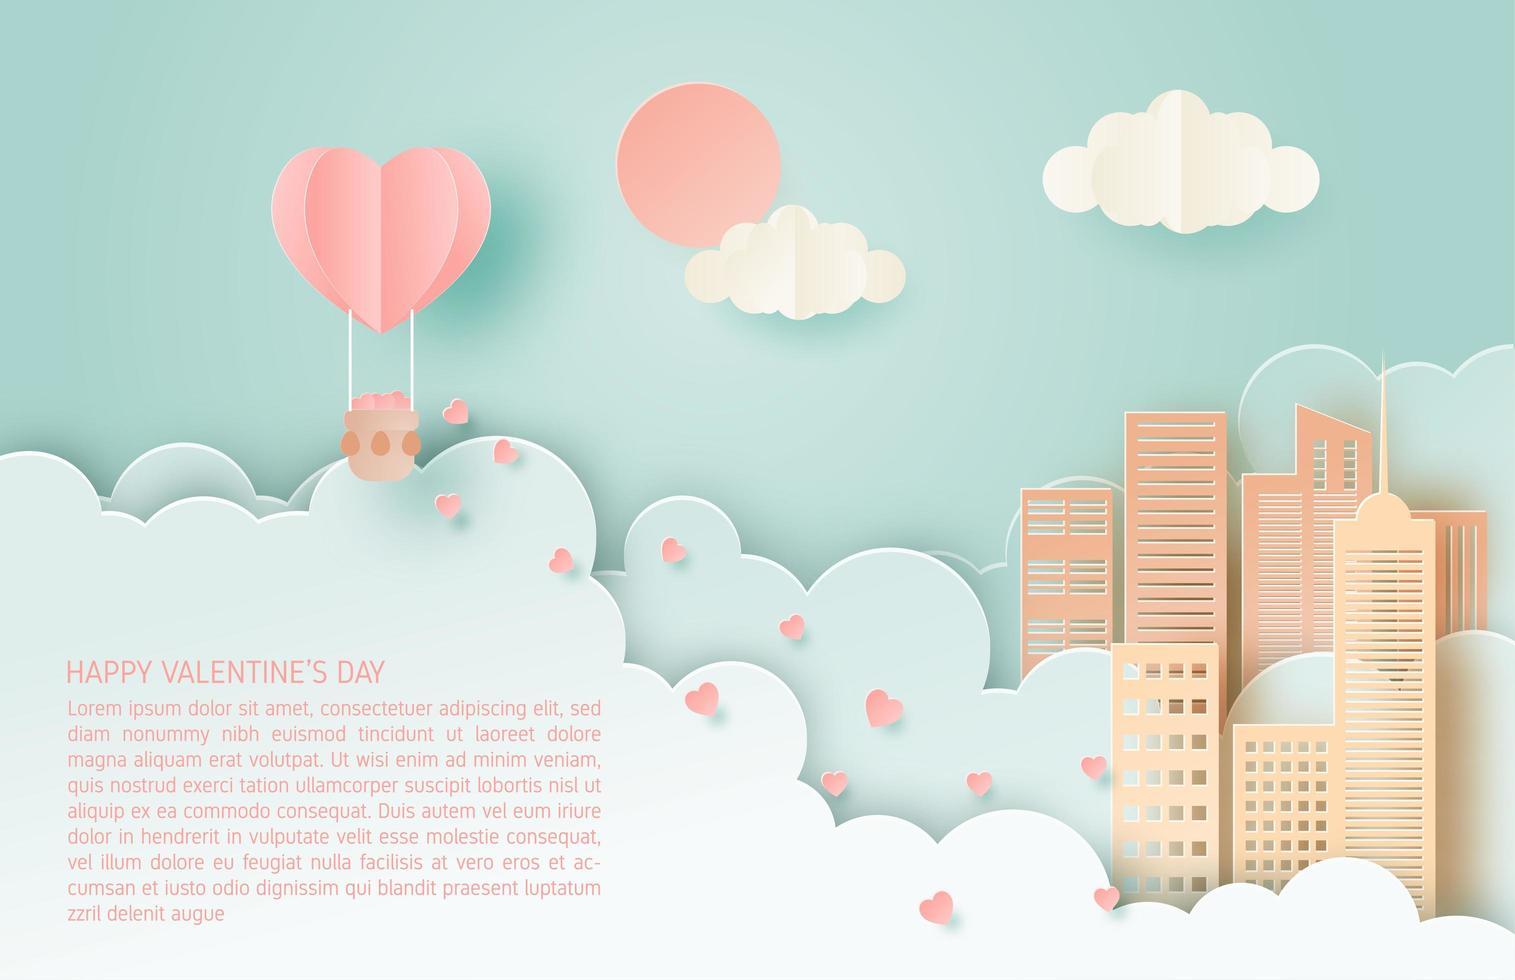 papperskonst luftballong flyter över staden vektor